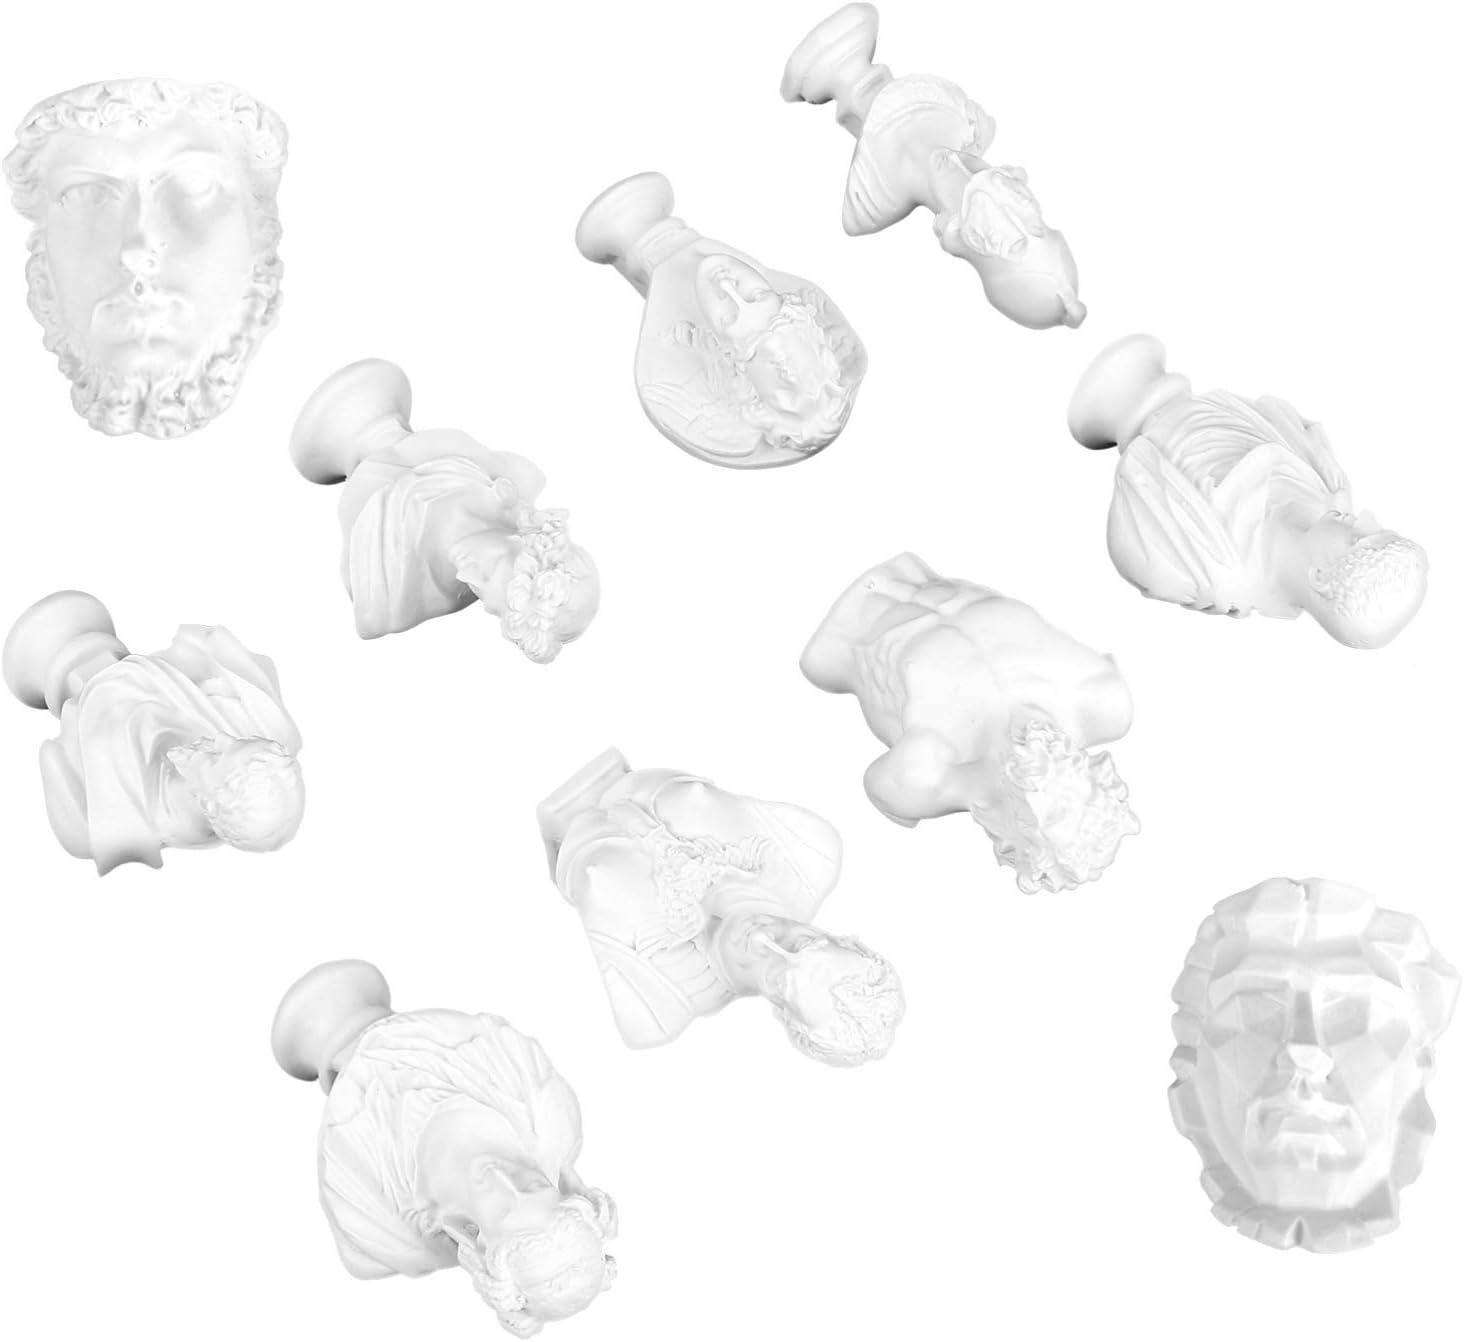 ABOOFAN Greek Bust Statue Mini Bust Statue Resin Head Sculpture